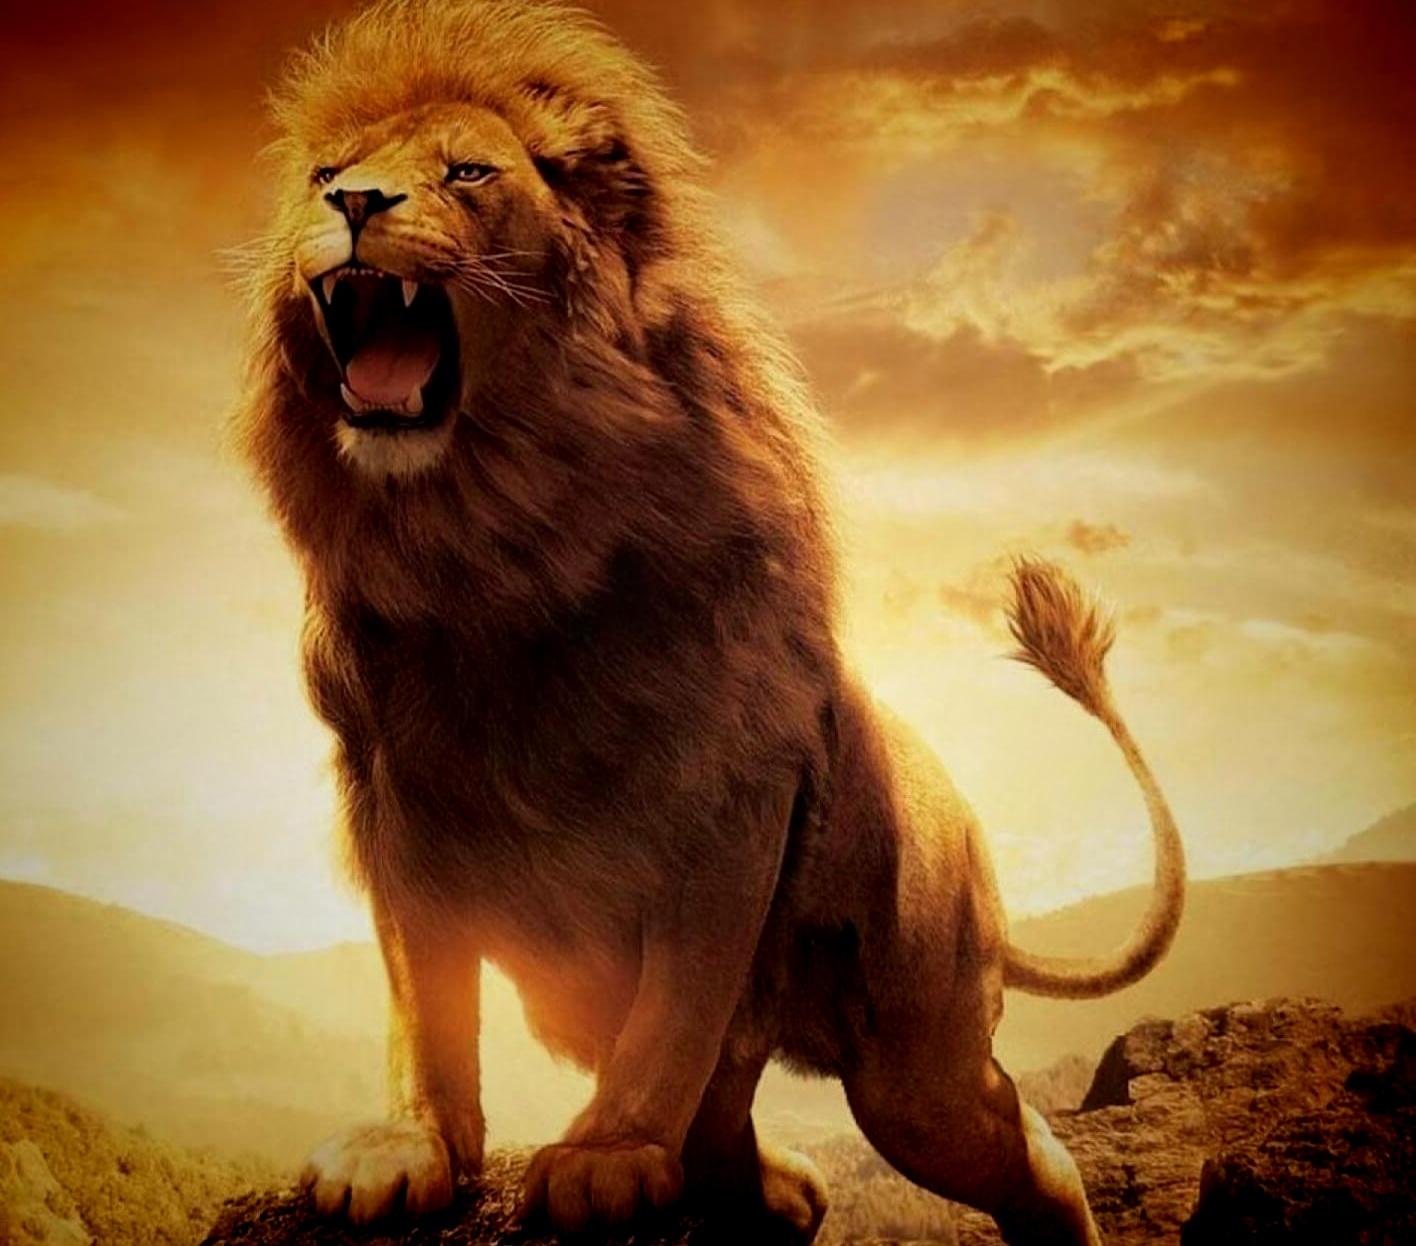 Gambar Singa Keren Keren